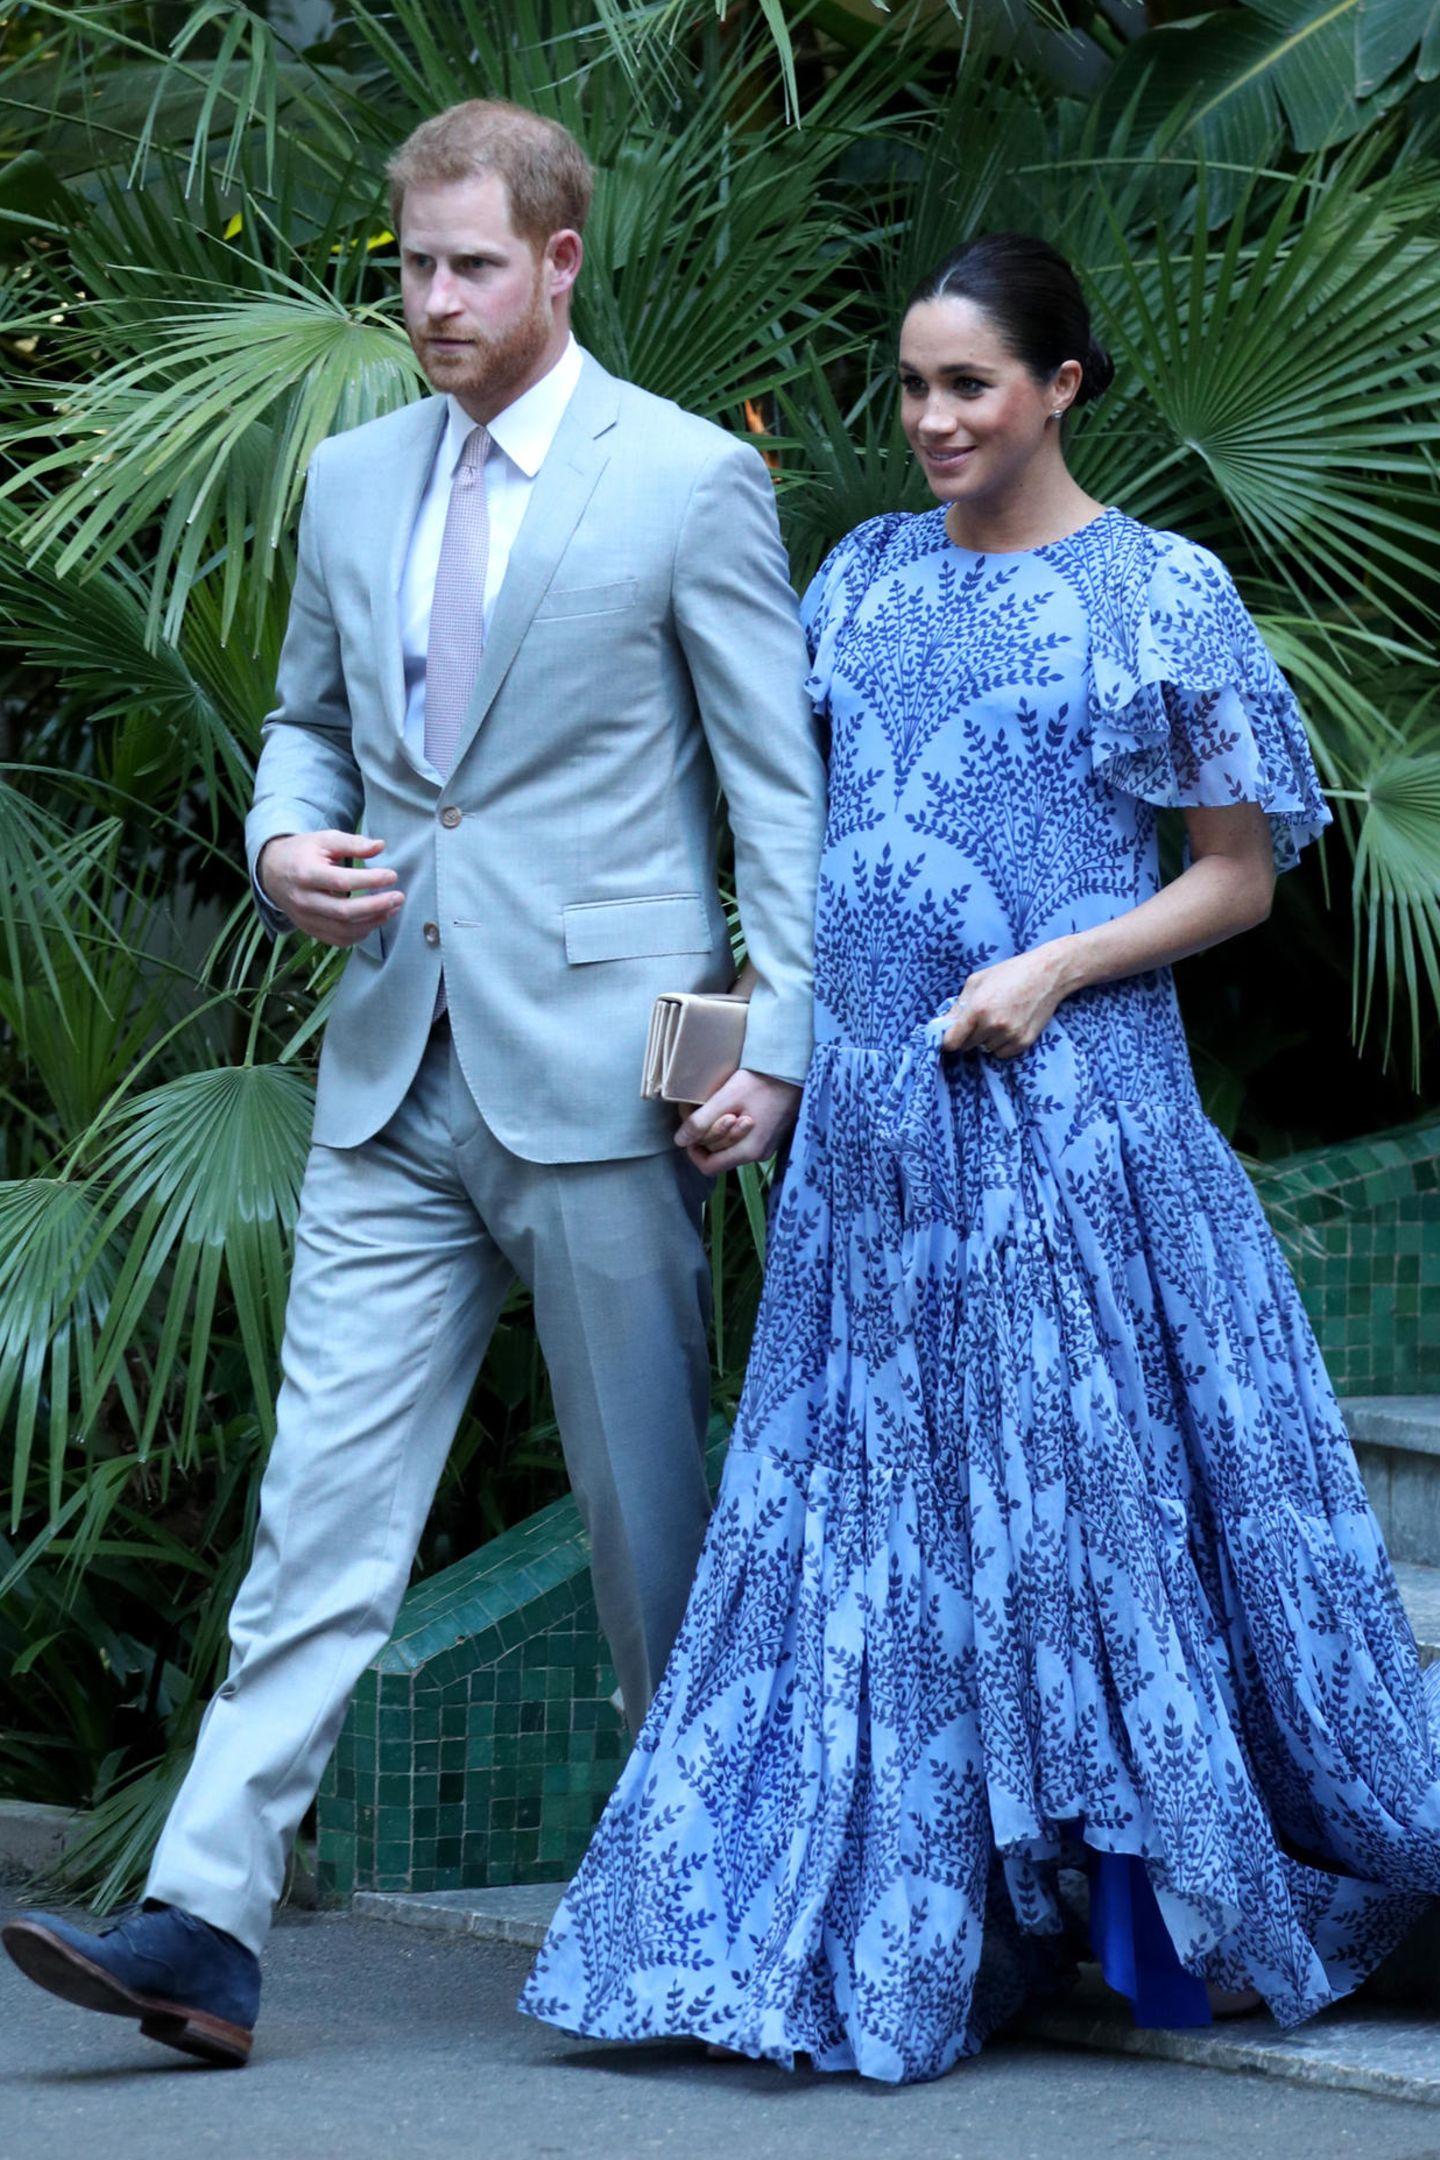 Zu einem privaten Abendessen beim marokkanischen König Mohammed VI trägt Herzogin Meghan ein weites, blassblaues Maxikleid von Stardesignerin Carolina Herrera.